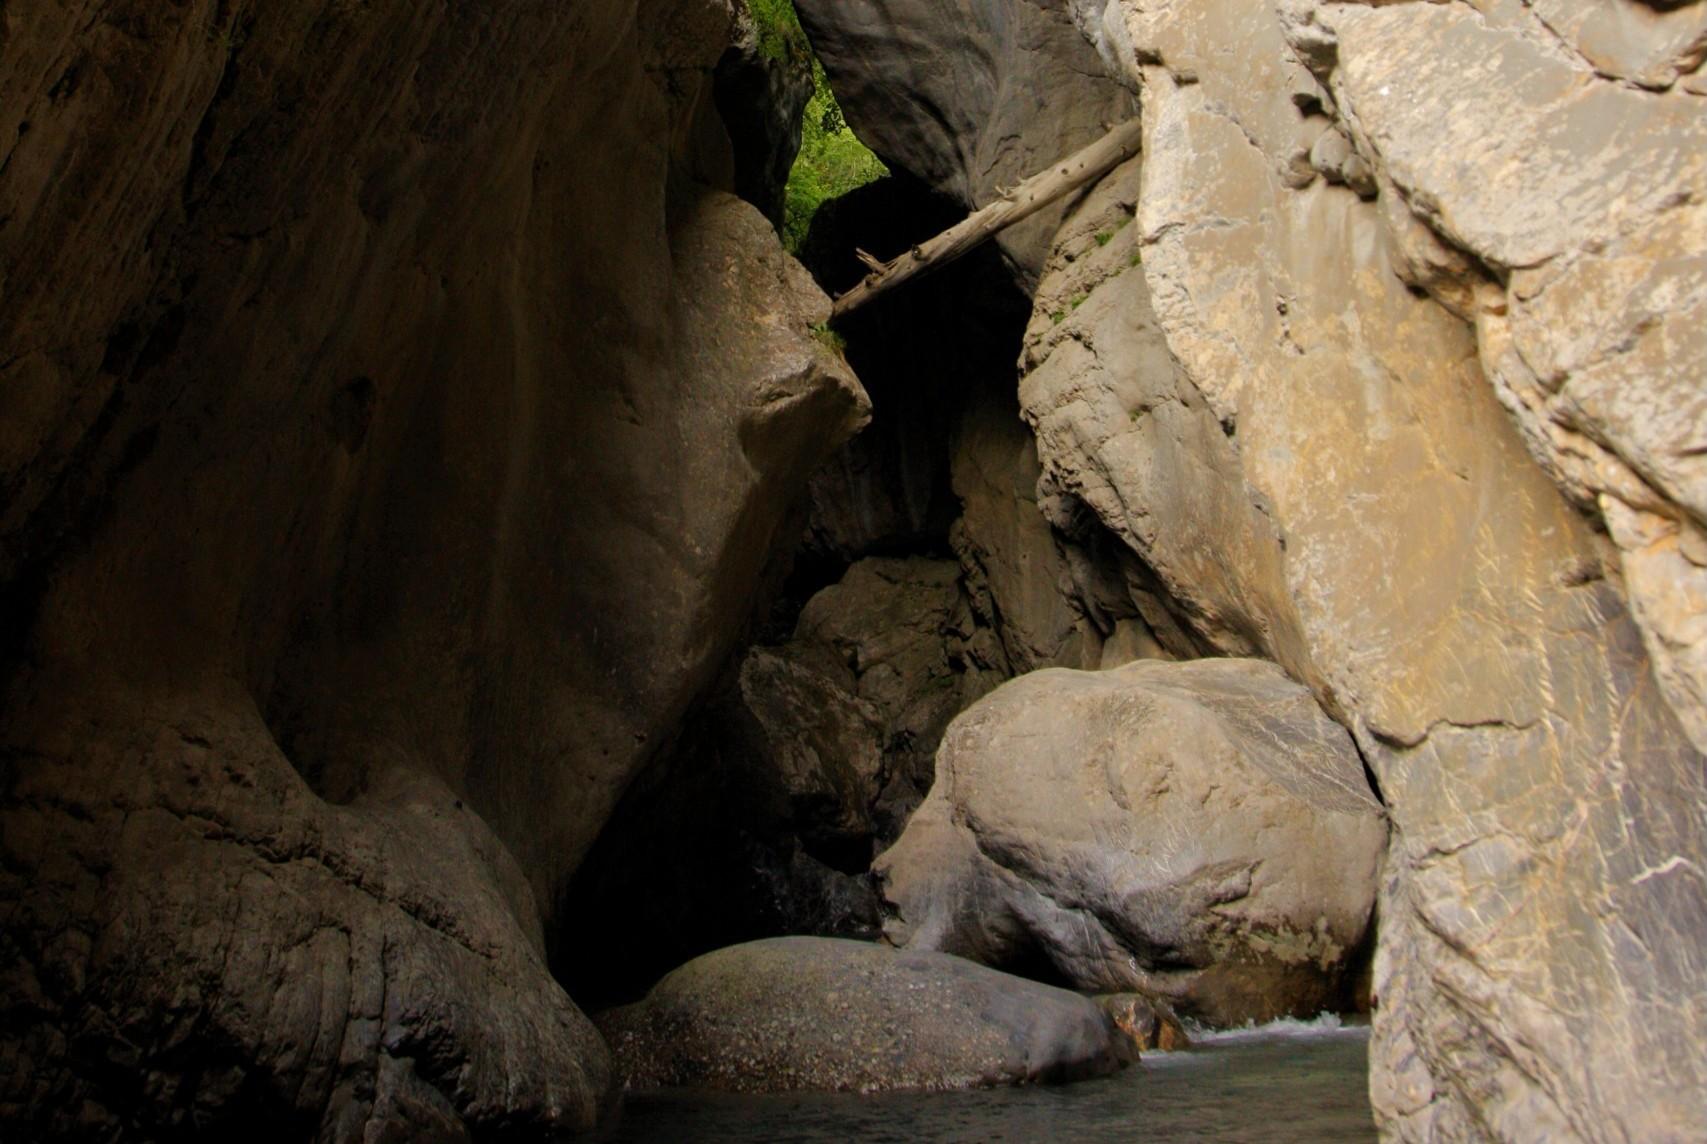 L'encaissement du canyon du Fournel